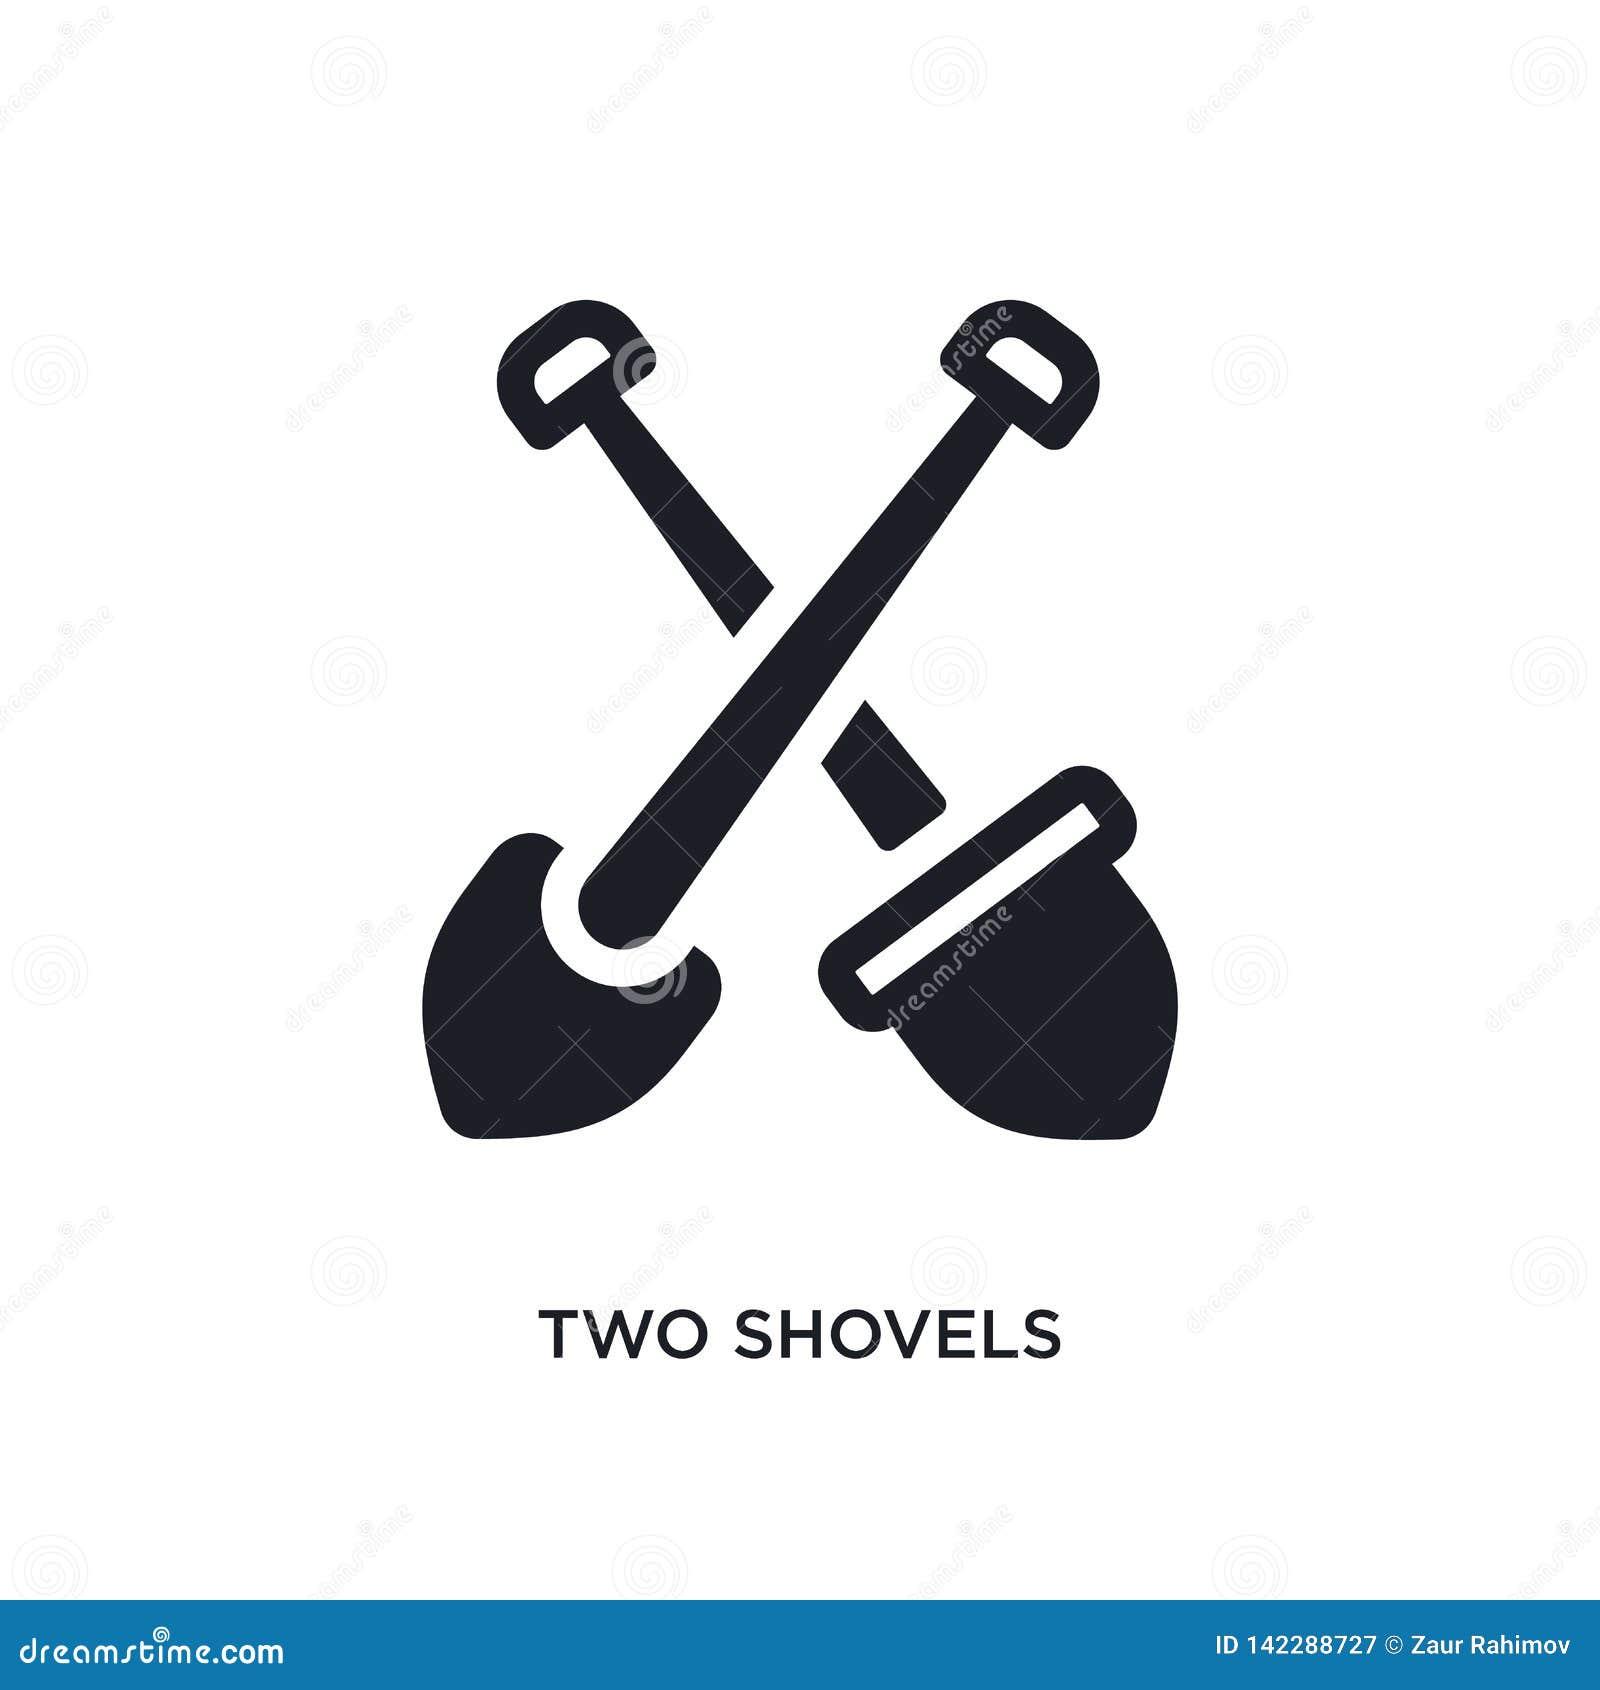 Icono aislado dos palas ejemplo simple del elemento de iconos del concepto de la construcción símbolo editable de la muestra del